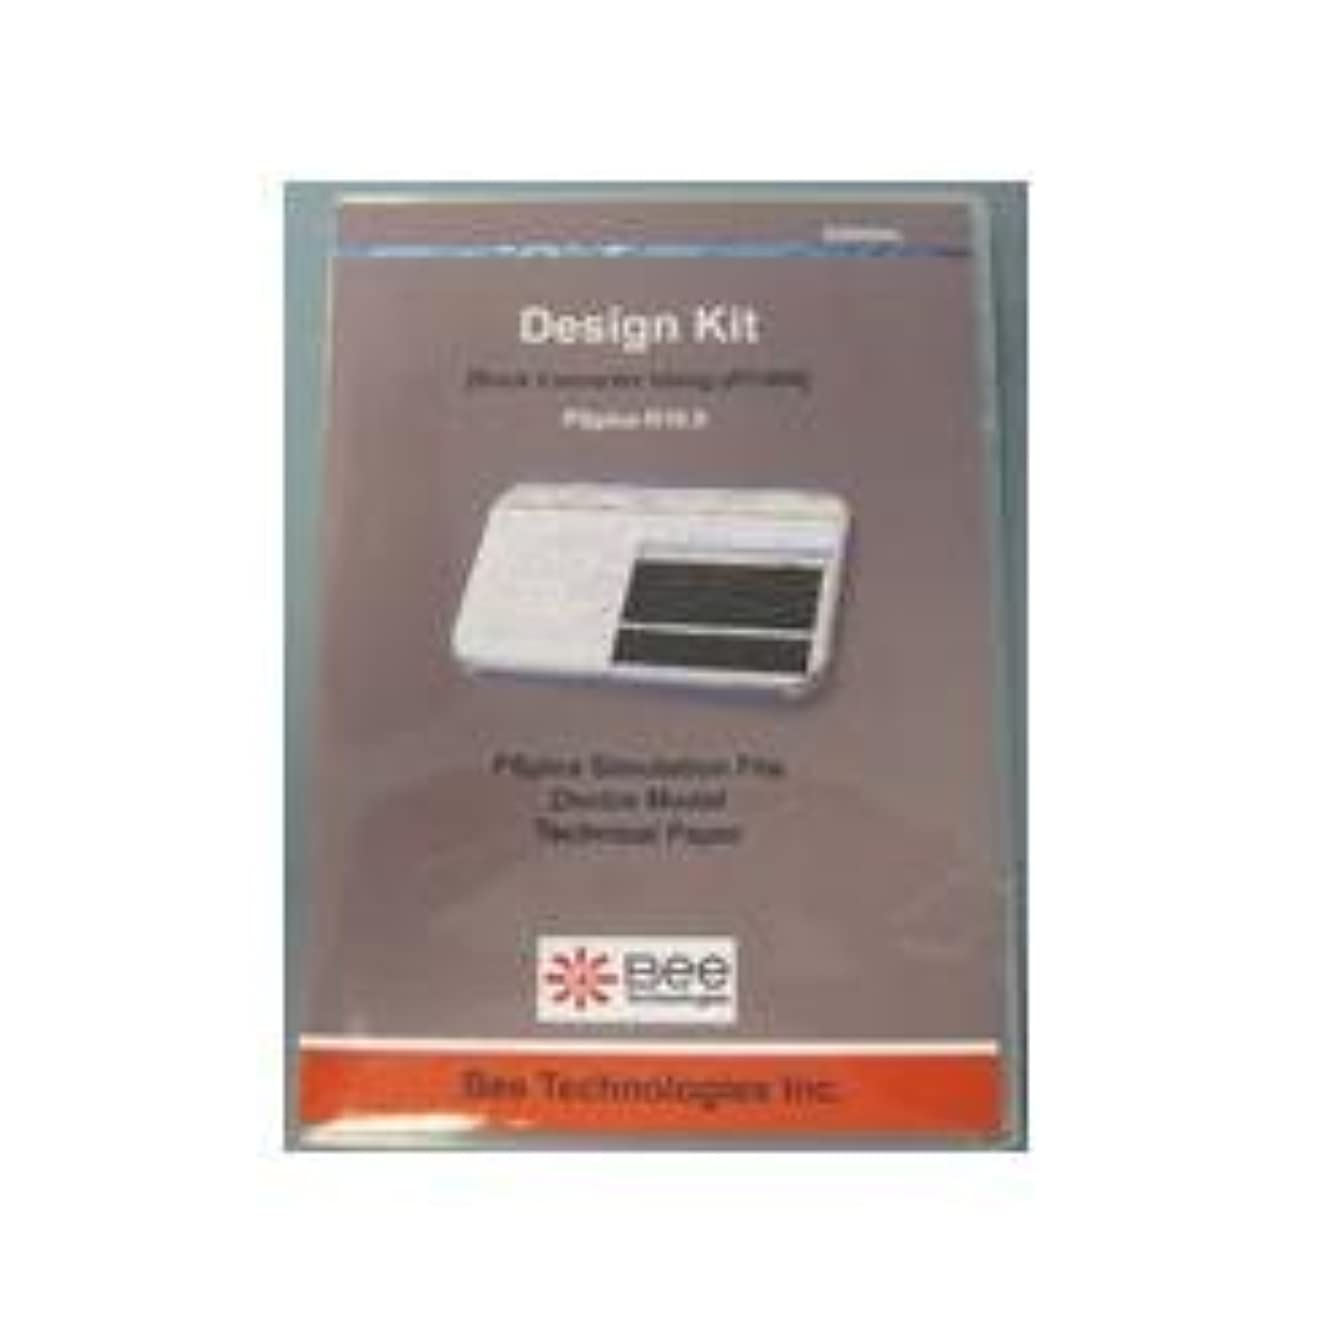 のみ対応ラリーベルモントBee Technologies SPICE デザインキット マイクロコントローラ 【Design Kit 007】